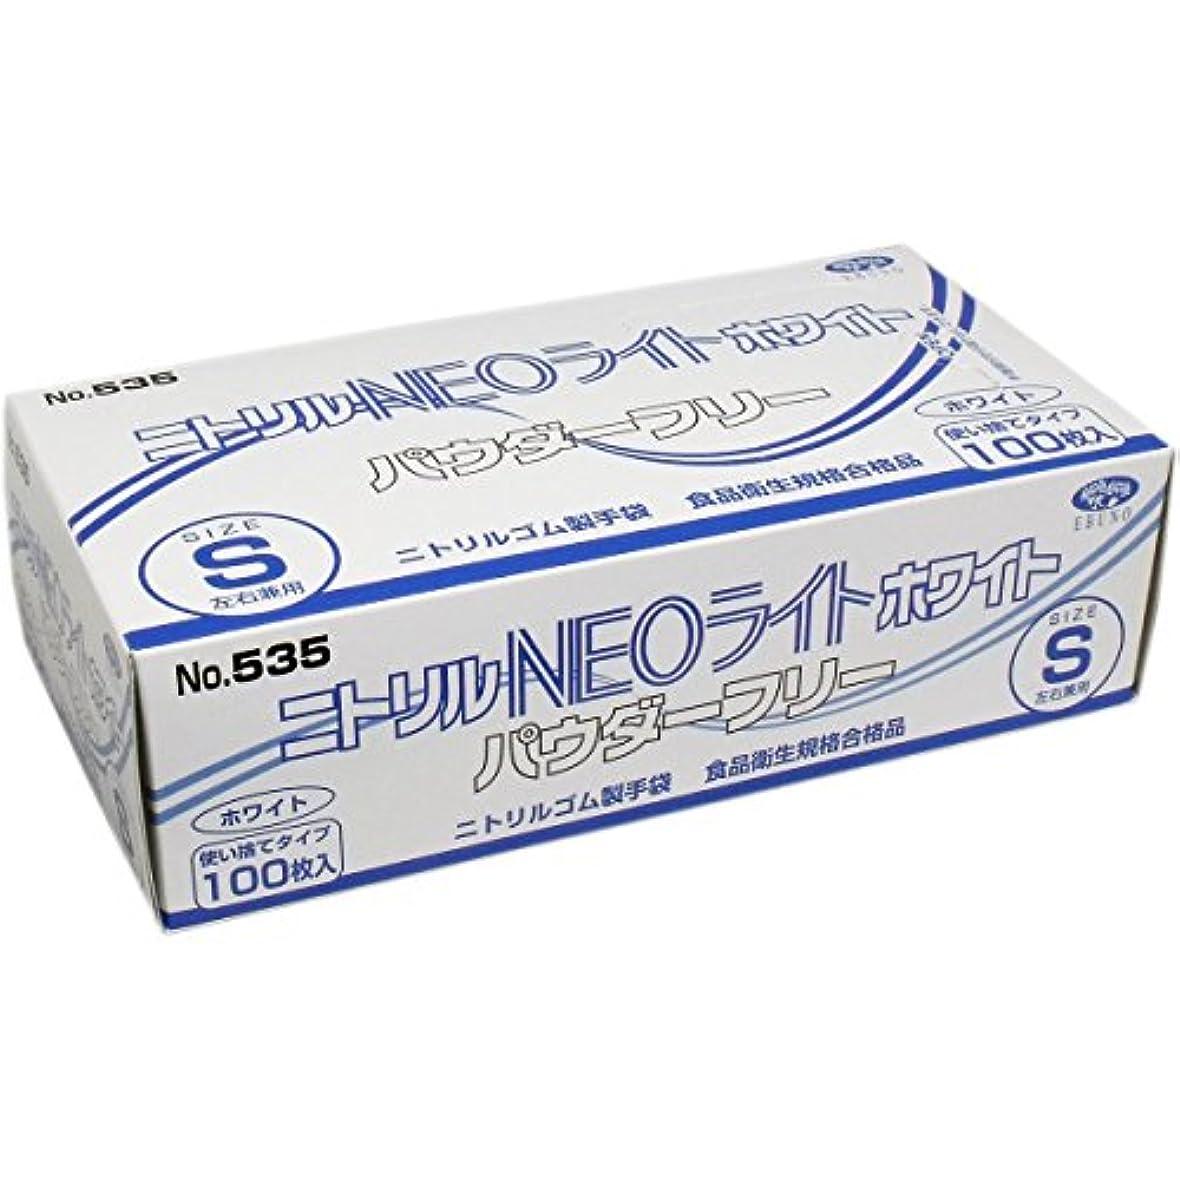 追放文言ベアリングサークルニトリル手袋 NEOライト パウダーフリー ホワイト Sサイズ 100枚入(単品)